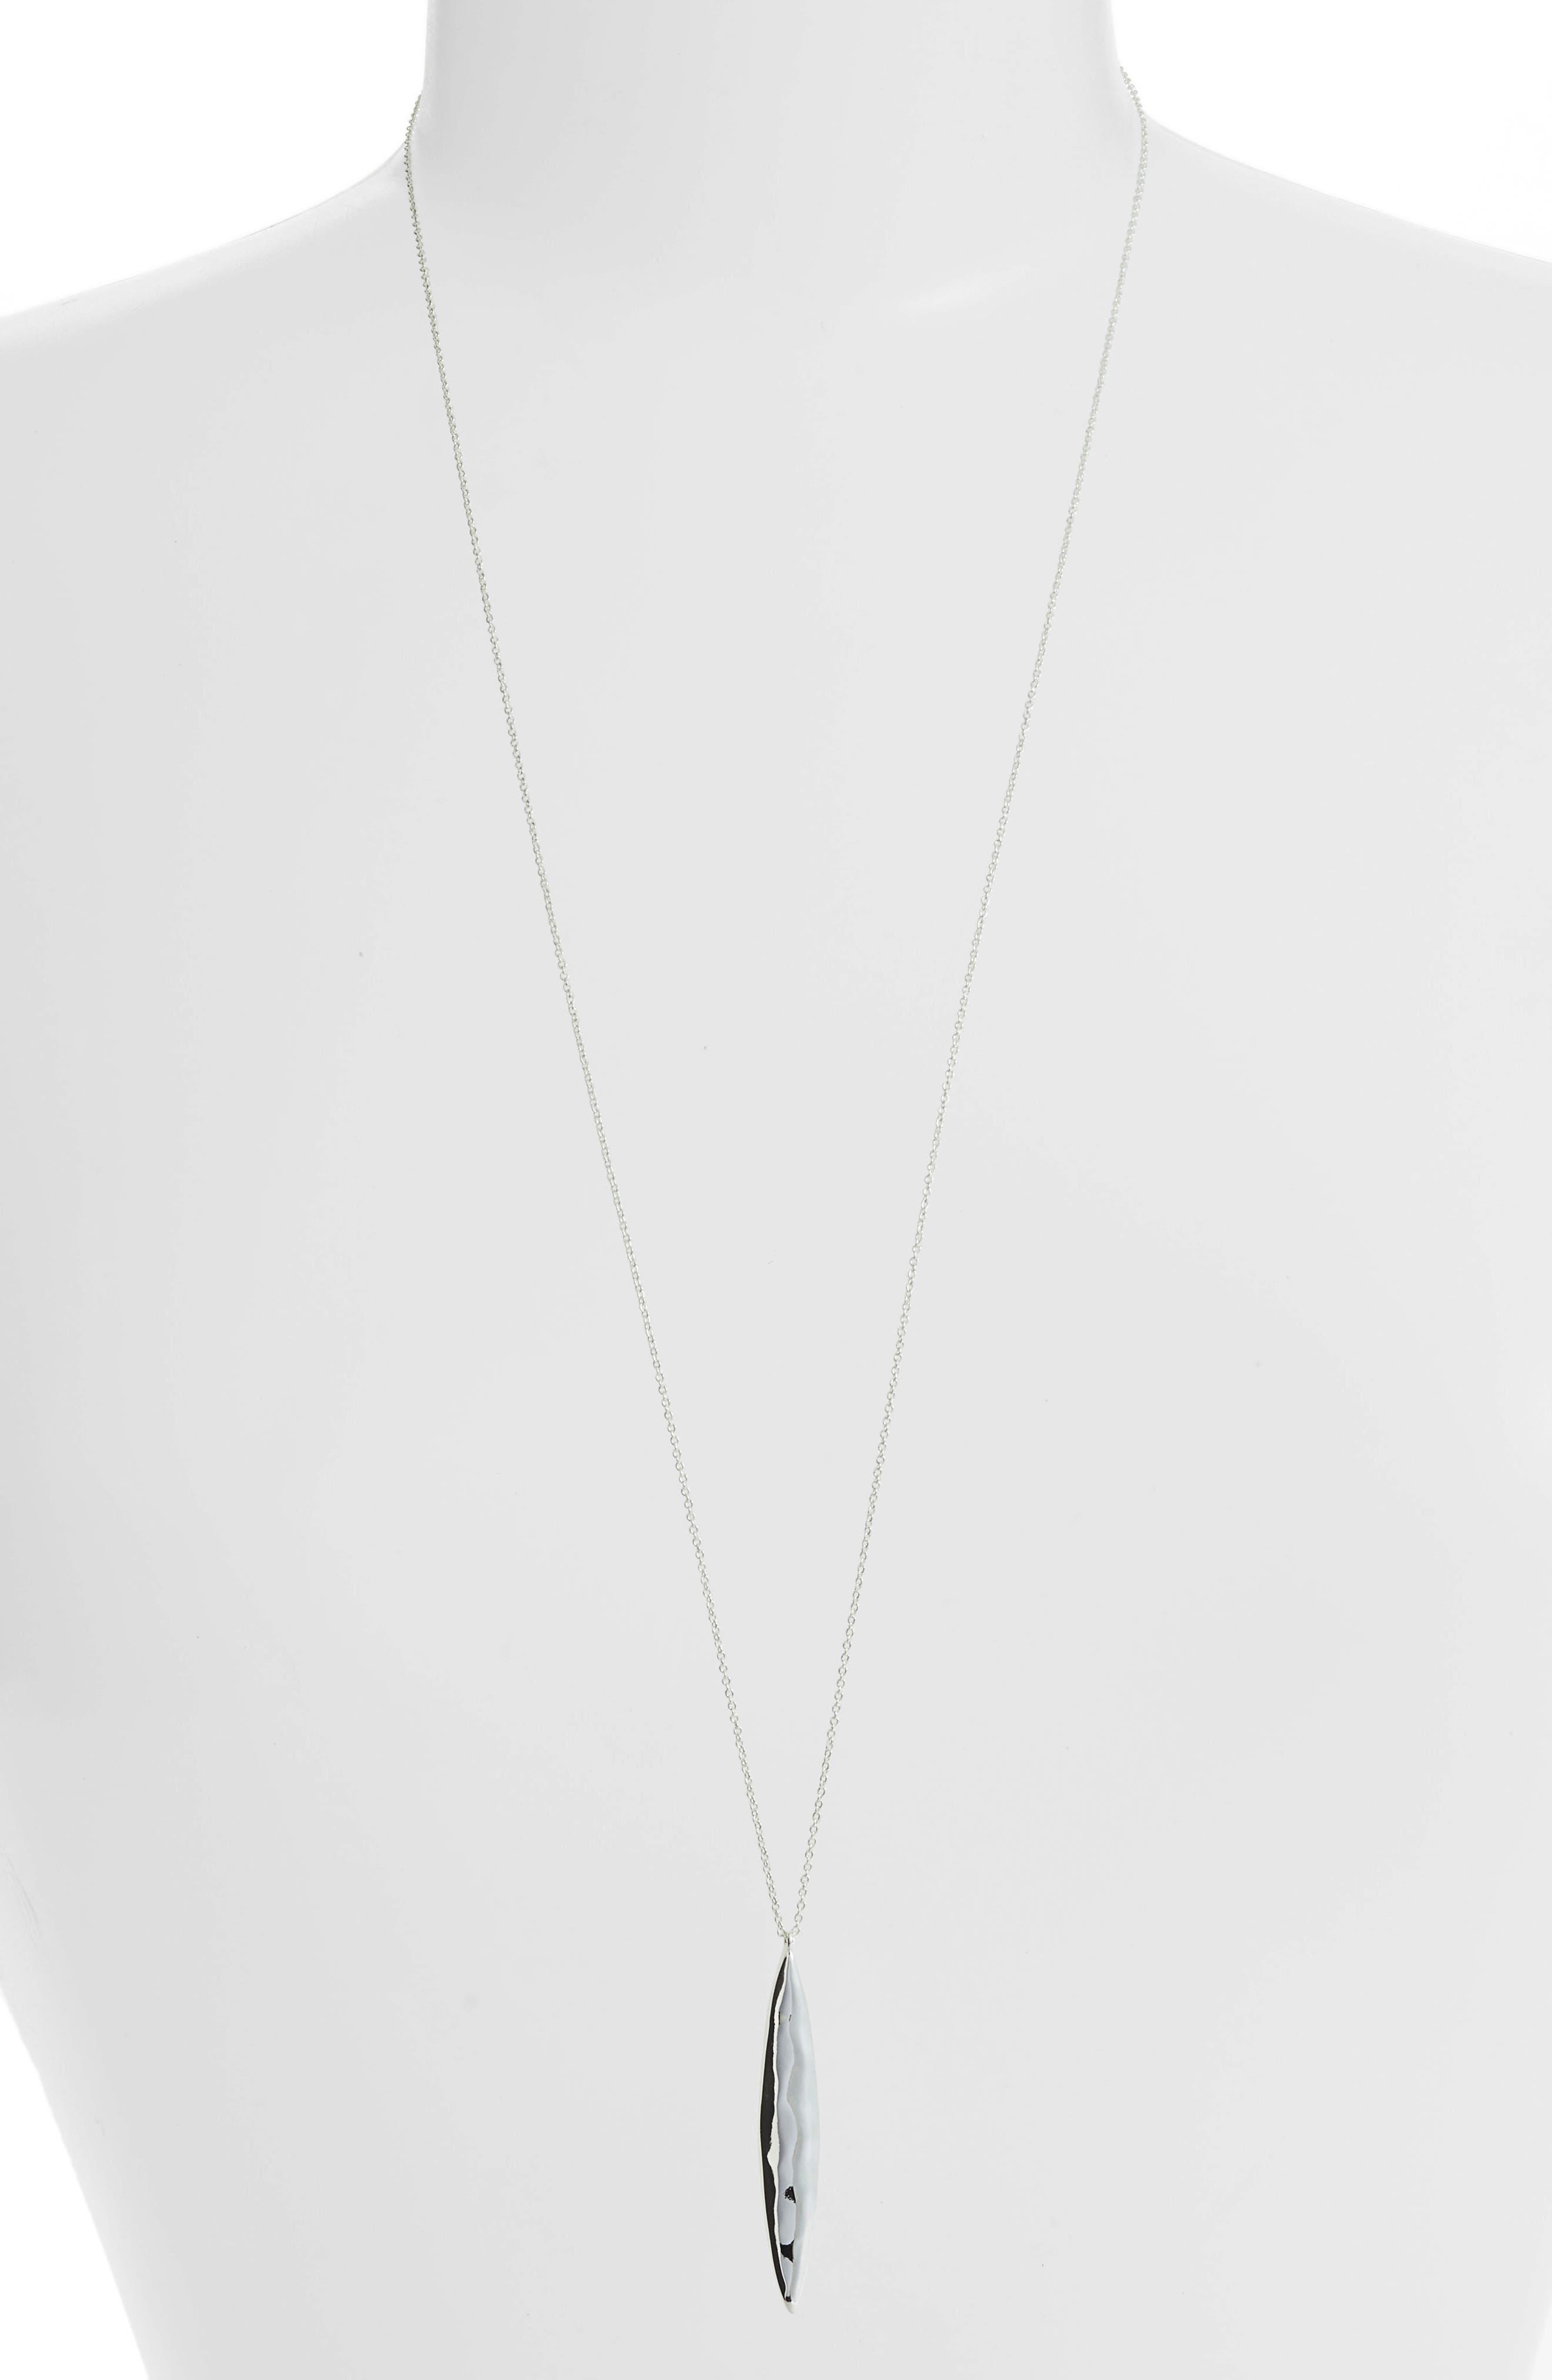 Kellen Pendant Necklace,                             Main thumbnail 1, color,                             040